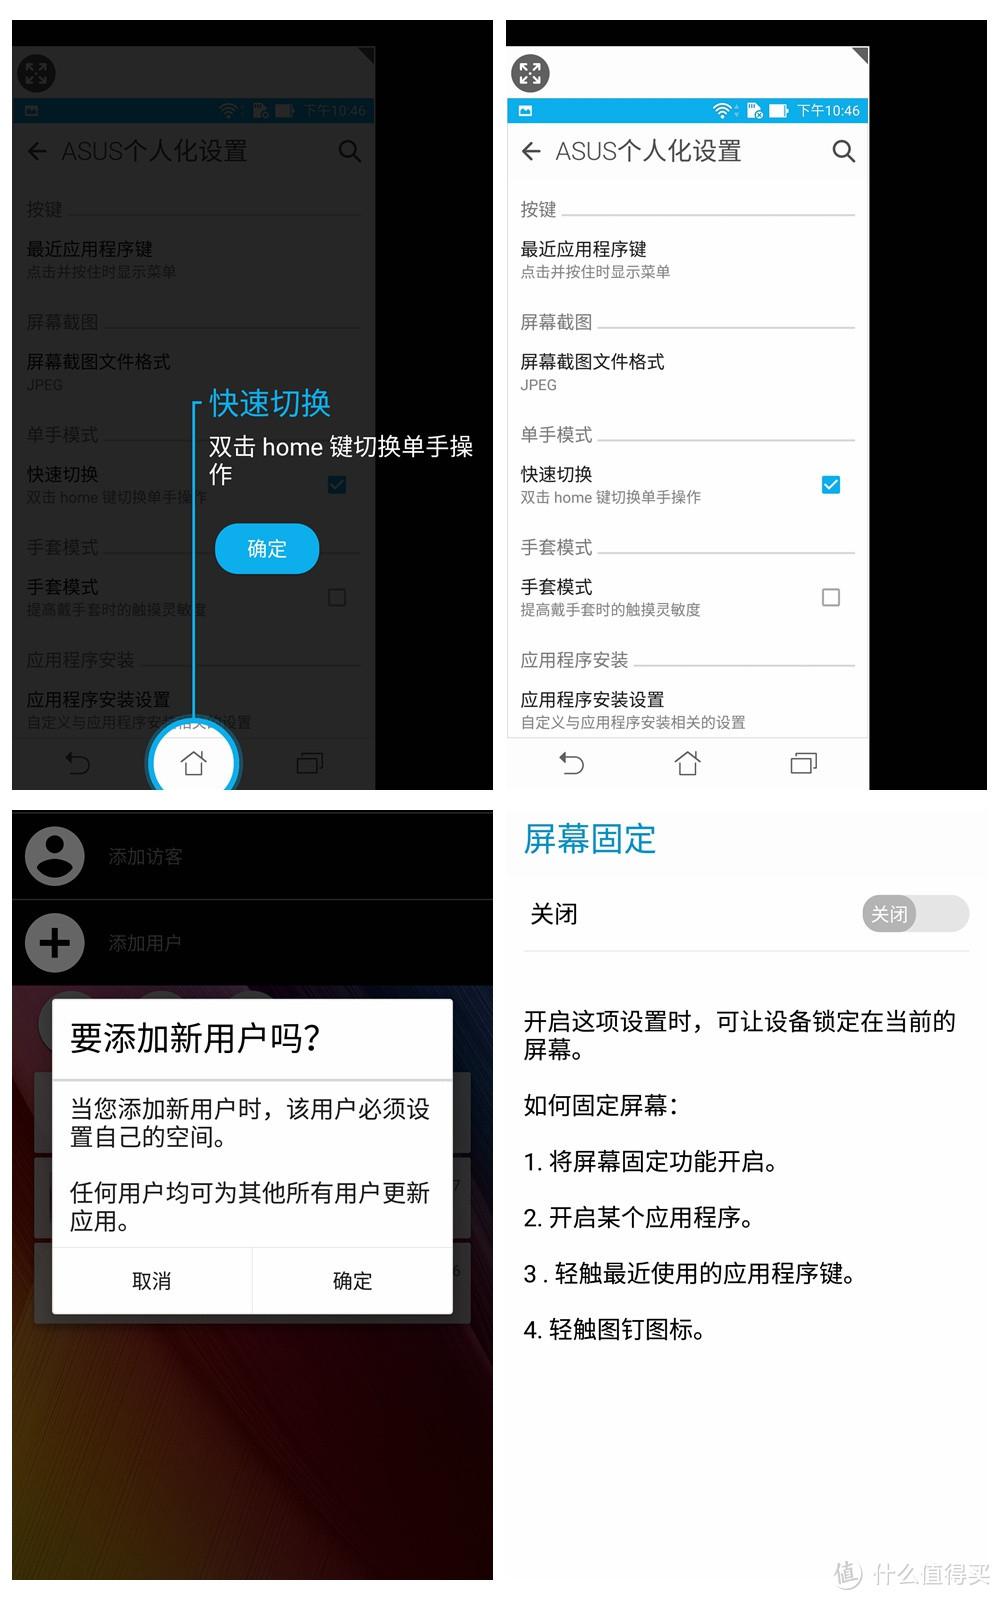 进步喜人 诚意之作——ASUS 华硕 Zenfone 2 智能手机初体验